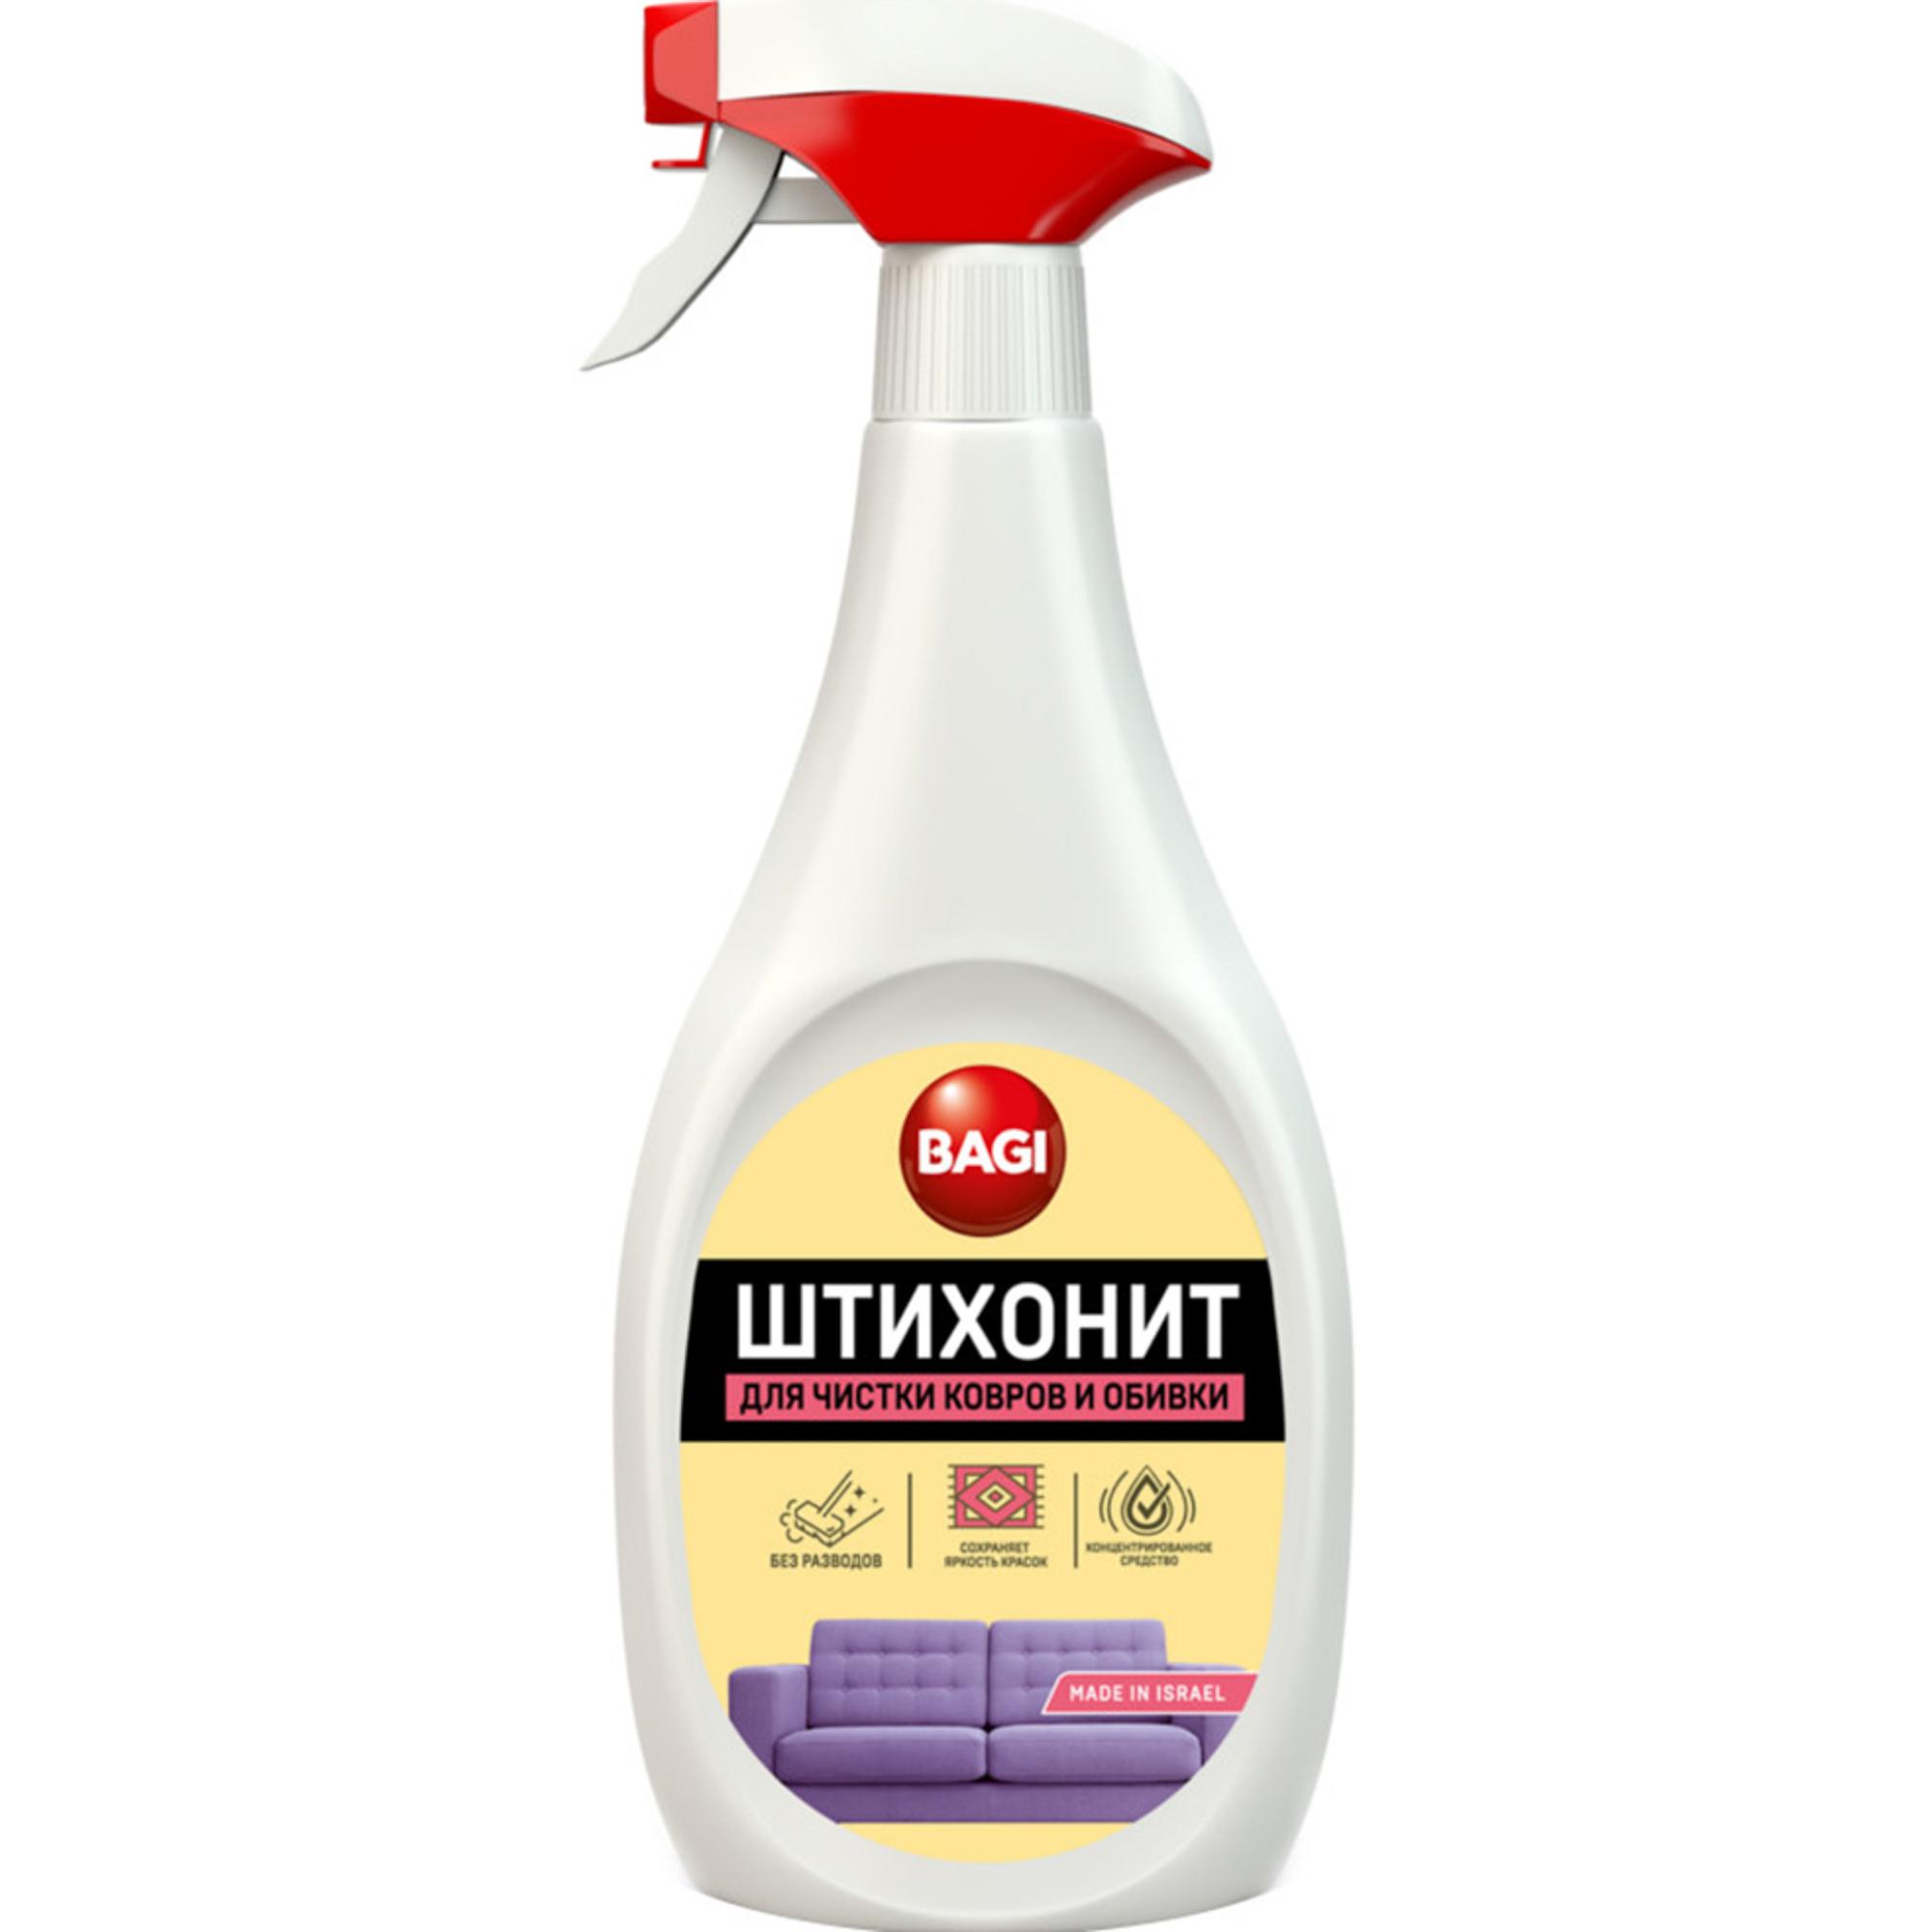 Фото - Чистящее средство Bagi Штихонит спрей для ковров 500 мл pro brite textile cleaner чистящее средство для ковров и мягкой мебели 500мл